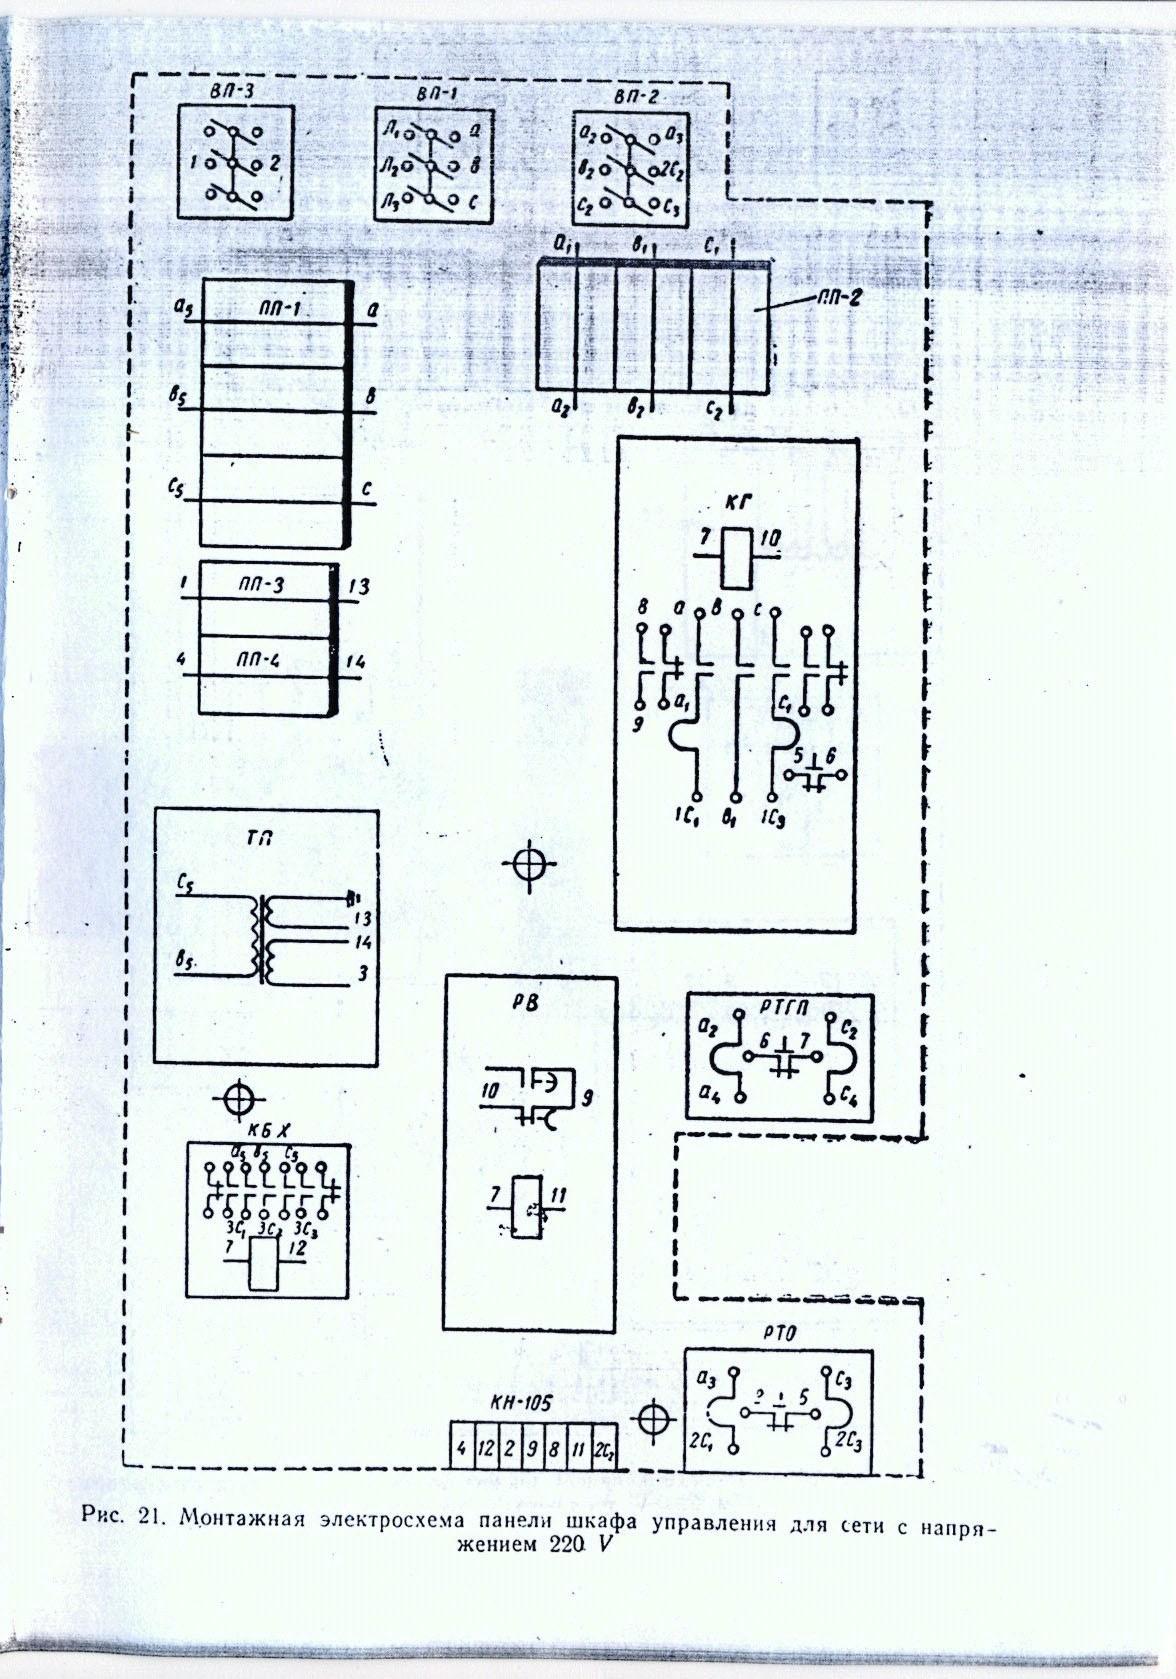 1к62 описание электрической схемы станка